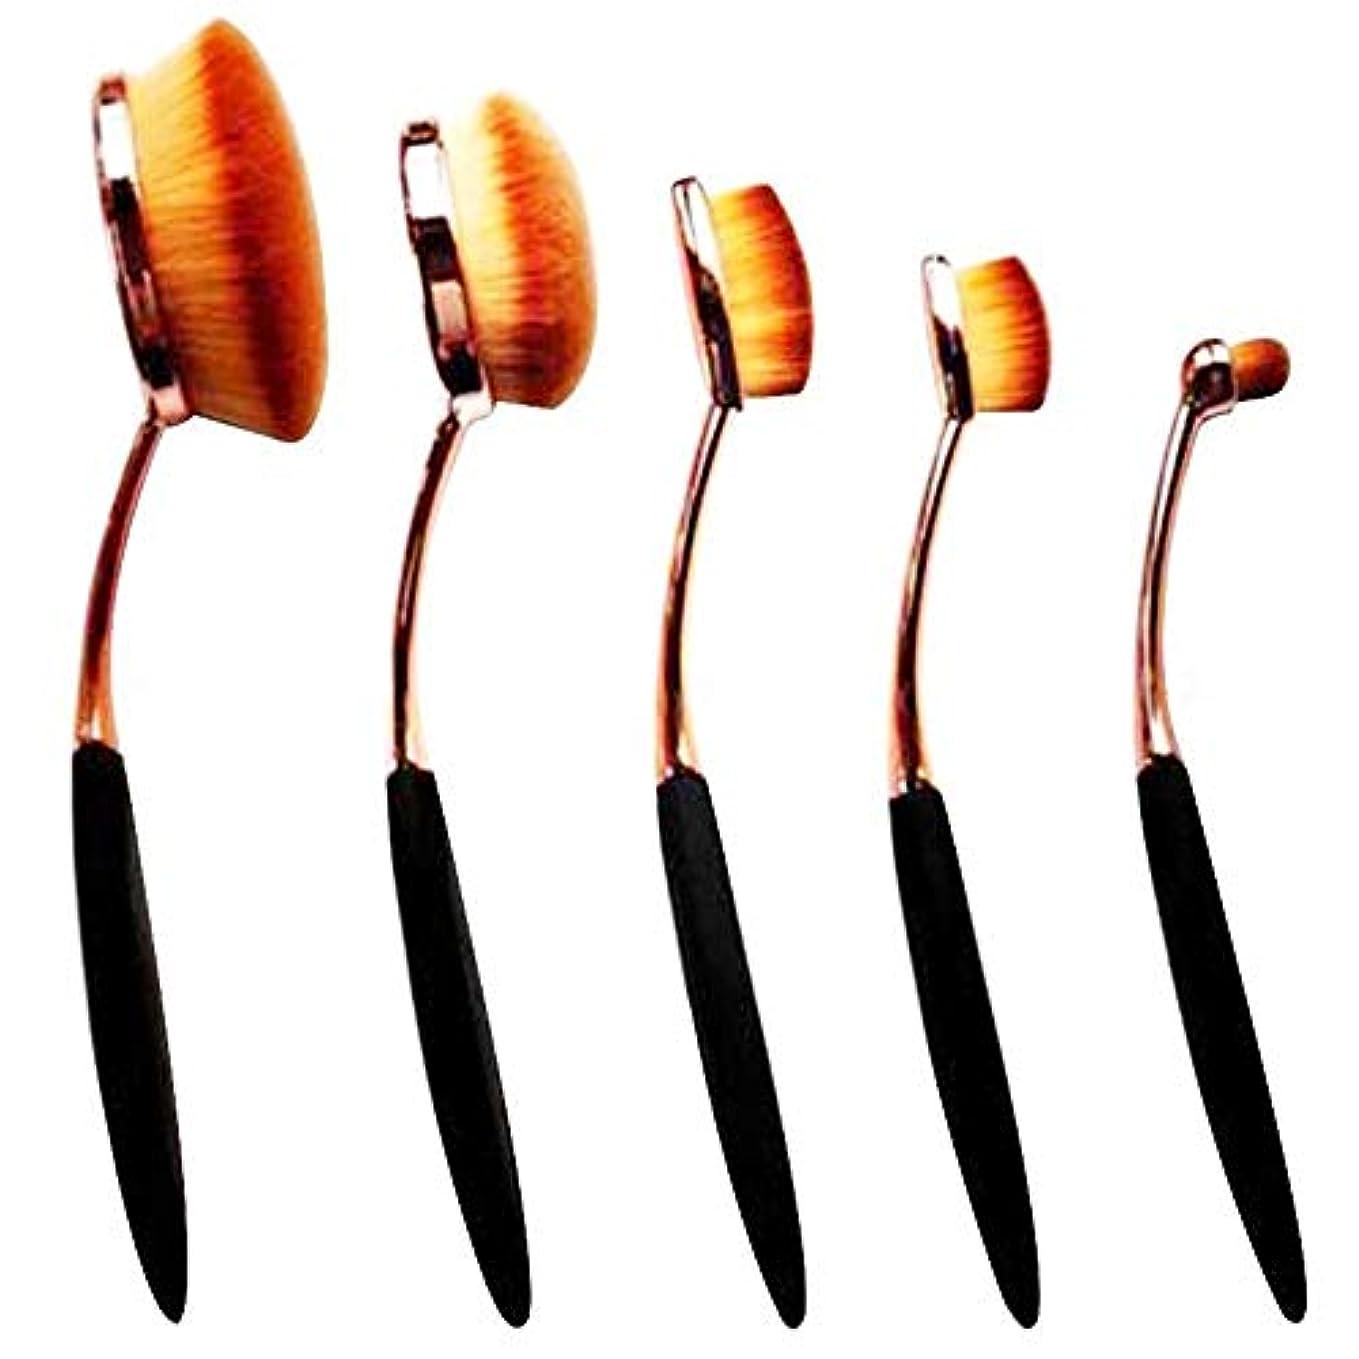 好ましい主要な原油5個 専用 化粧ブラシ 歯ブラシ型 高級繊維毛 ファンデーションブラシ メイクブラシ メイクアップブラシ コスメ 化粧 ファンデーションブラシ